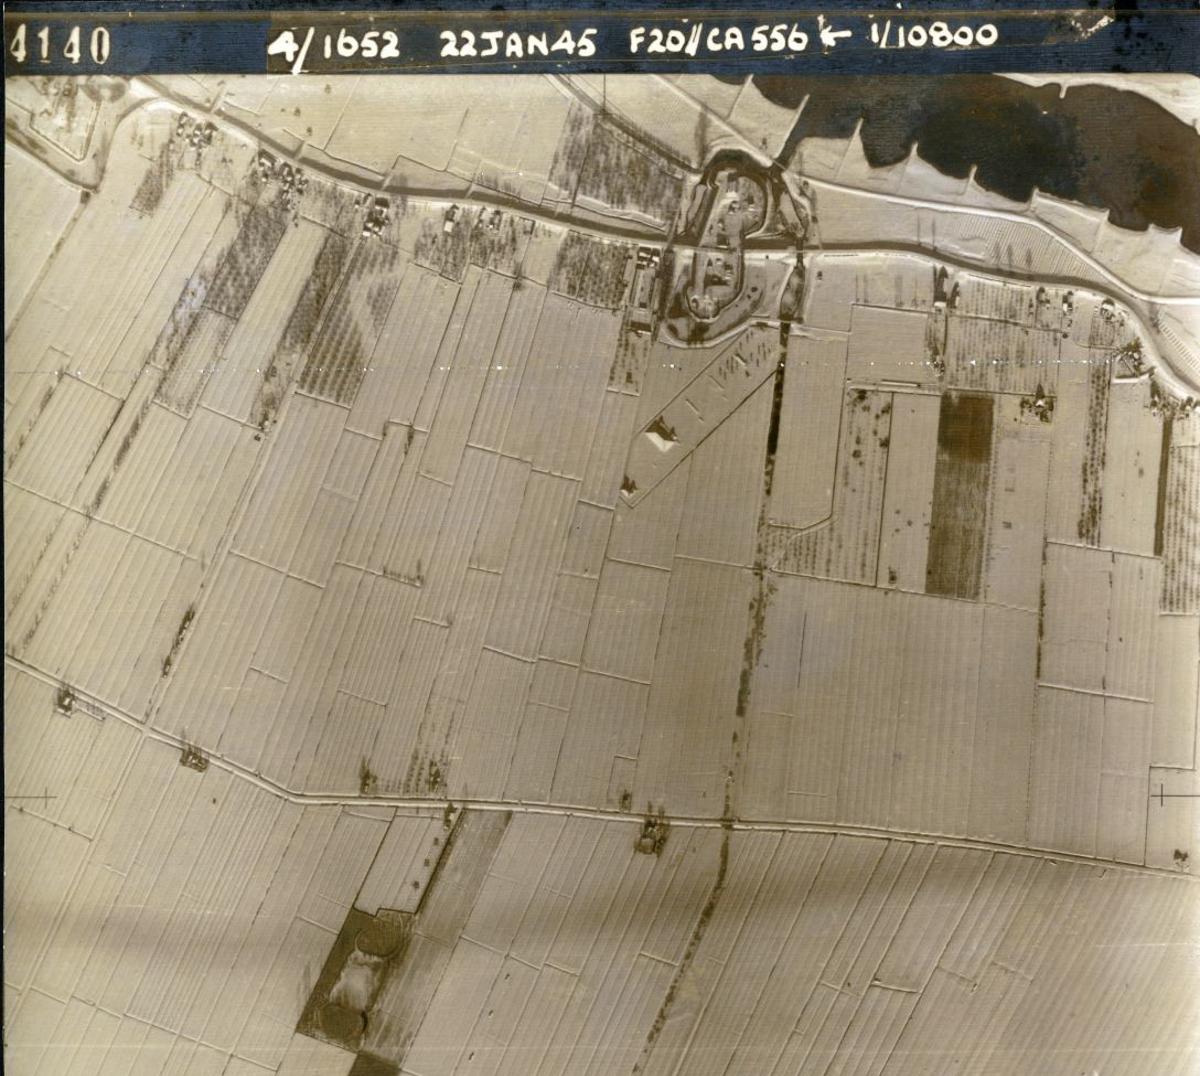 Werk aan het Spoel in de sneeuw - Luchtfoto januari 1942 geallieerden